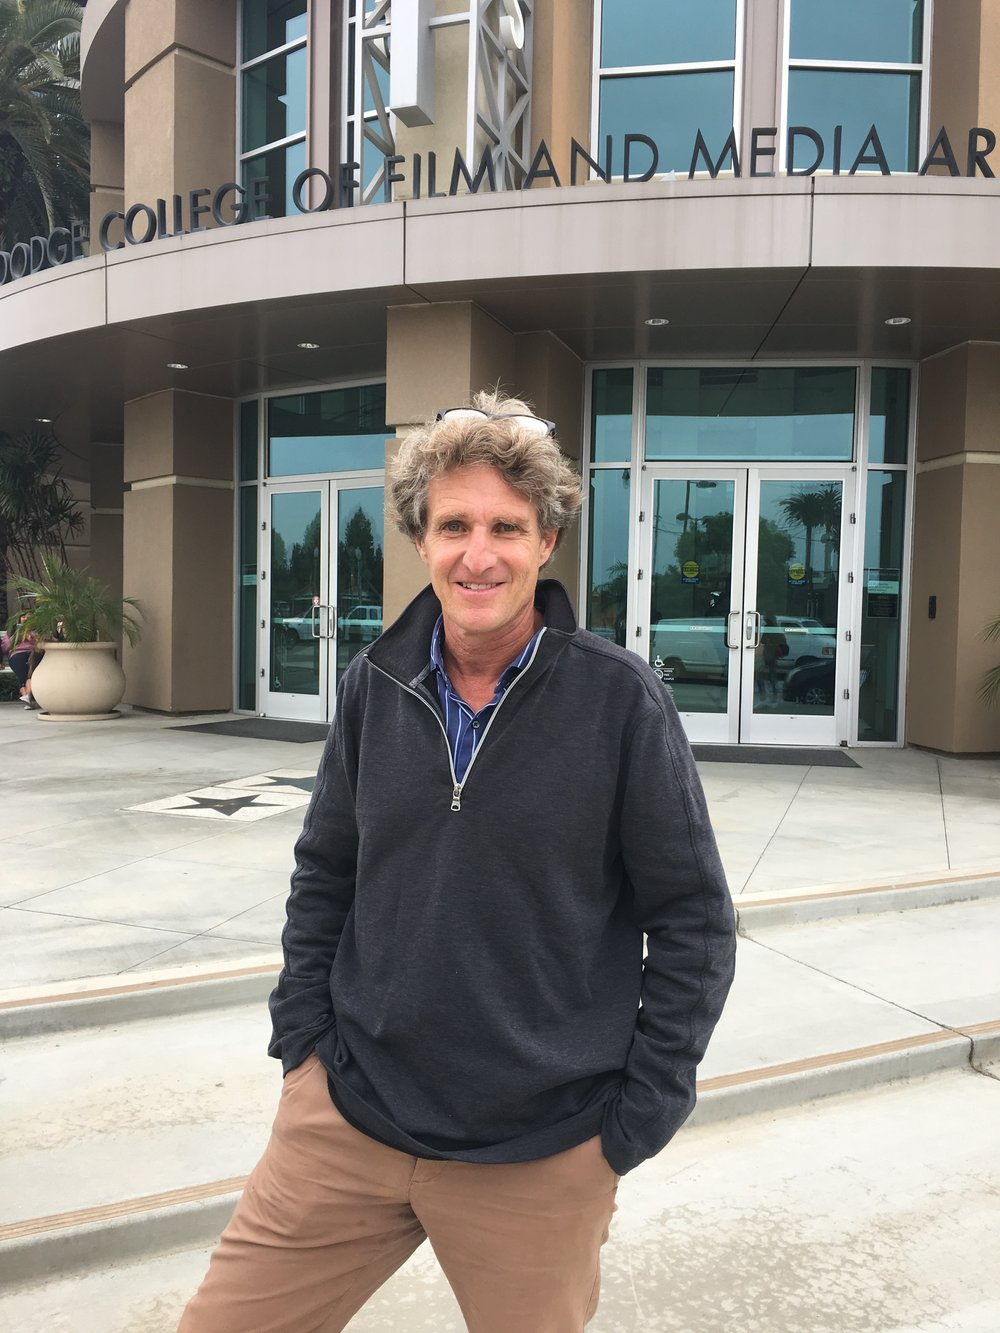 """杰夫·斯威默 (Jeff Swimmer)   杰夫·斯威默 (Jeff Swimmer)是查普曼大学道奇电影与媒体艺术学院的纪录片教授,于本科和研究生学院教授纪录片制作。他指导了许多查普曼著名的国际纪录片项目,其中包括《目的地:非洲》和《锡克伦》。为了制作鼓舞人心的、关于开拓者的故事,Swimmer教授曾带着学生们一起前往发展中国家考察拍摄。  他为BBC,国家地理,PBS,Discovery,CNN,A&E,Arte(法国/德国)等制作、导演和撰写电视纪录片。曾是杜邦纪录片奖的获奖者。他的学生们的电影曾入选戛纳电影节,特柳赖德奖等,也曾在艾美奖和学生学院奖的决赛中取得成绩。Swimmer教授于2015年出版的教科书""""纪录片案例研究:有史以来最伟大的(真实)故事的幕后故事""""被广泛用于美国的纪录片制作课程。  目前Swimmer与他的妻子Gayle Gilman和四个孩子住在加利福尼亚州的圣莫尼卡。他的妻子是短片数字内容制作公司Ripple Entertainment的首席执行官。"""